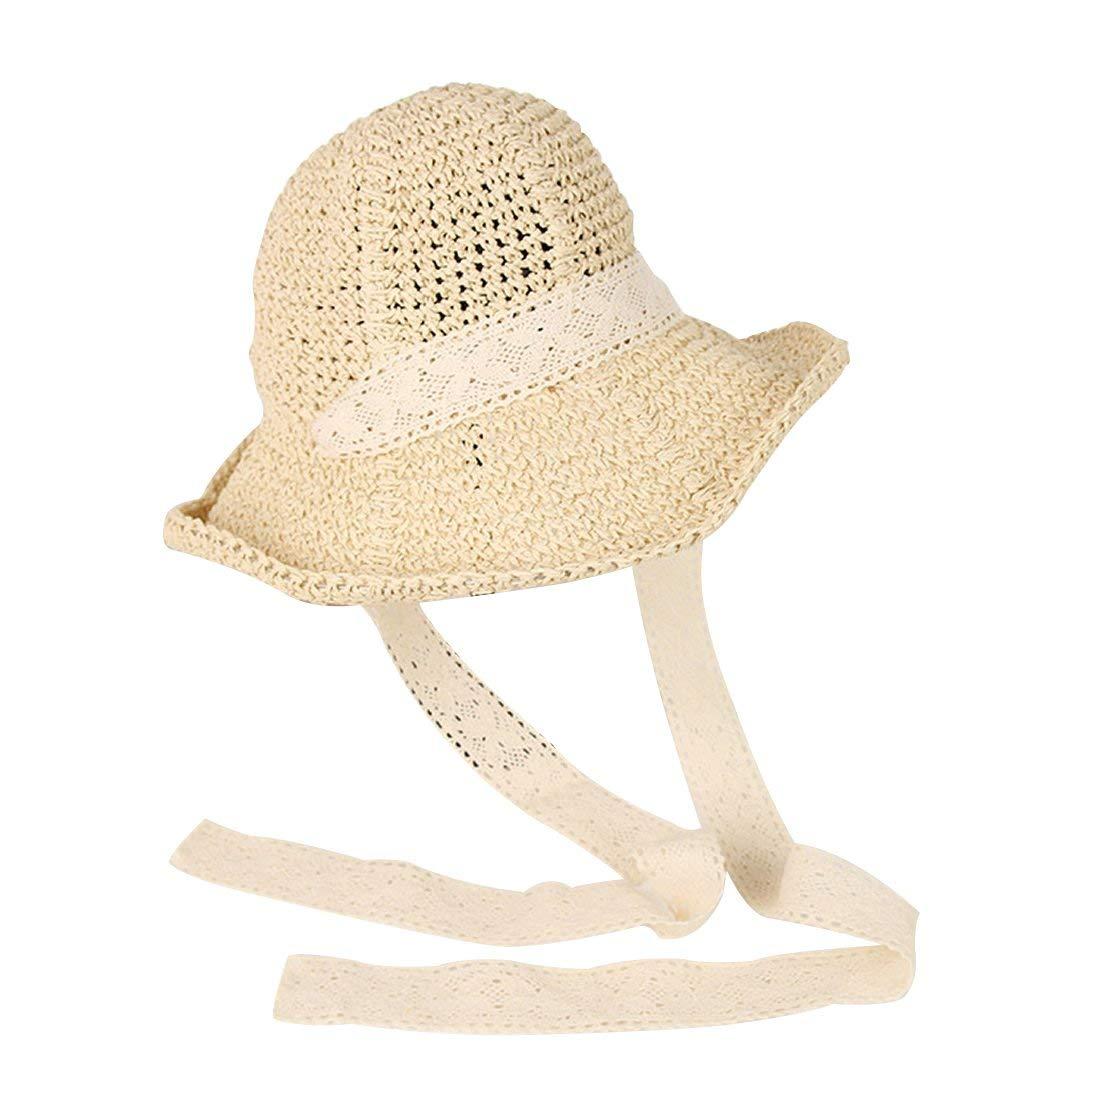 84b56d878e3 Get Quotations · Sun Hat for Women Girl Summer Outdoor